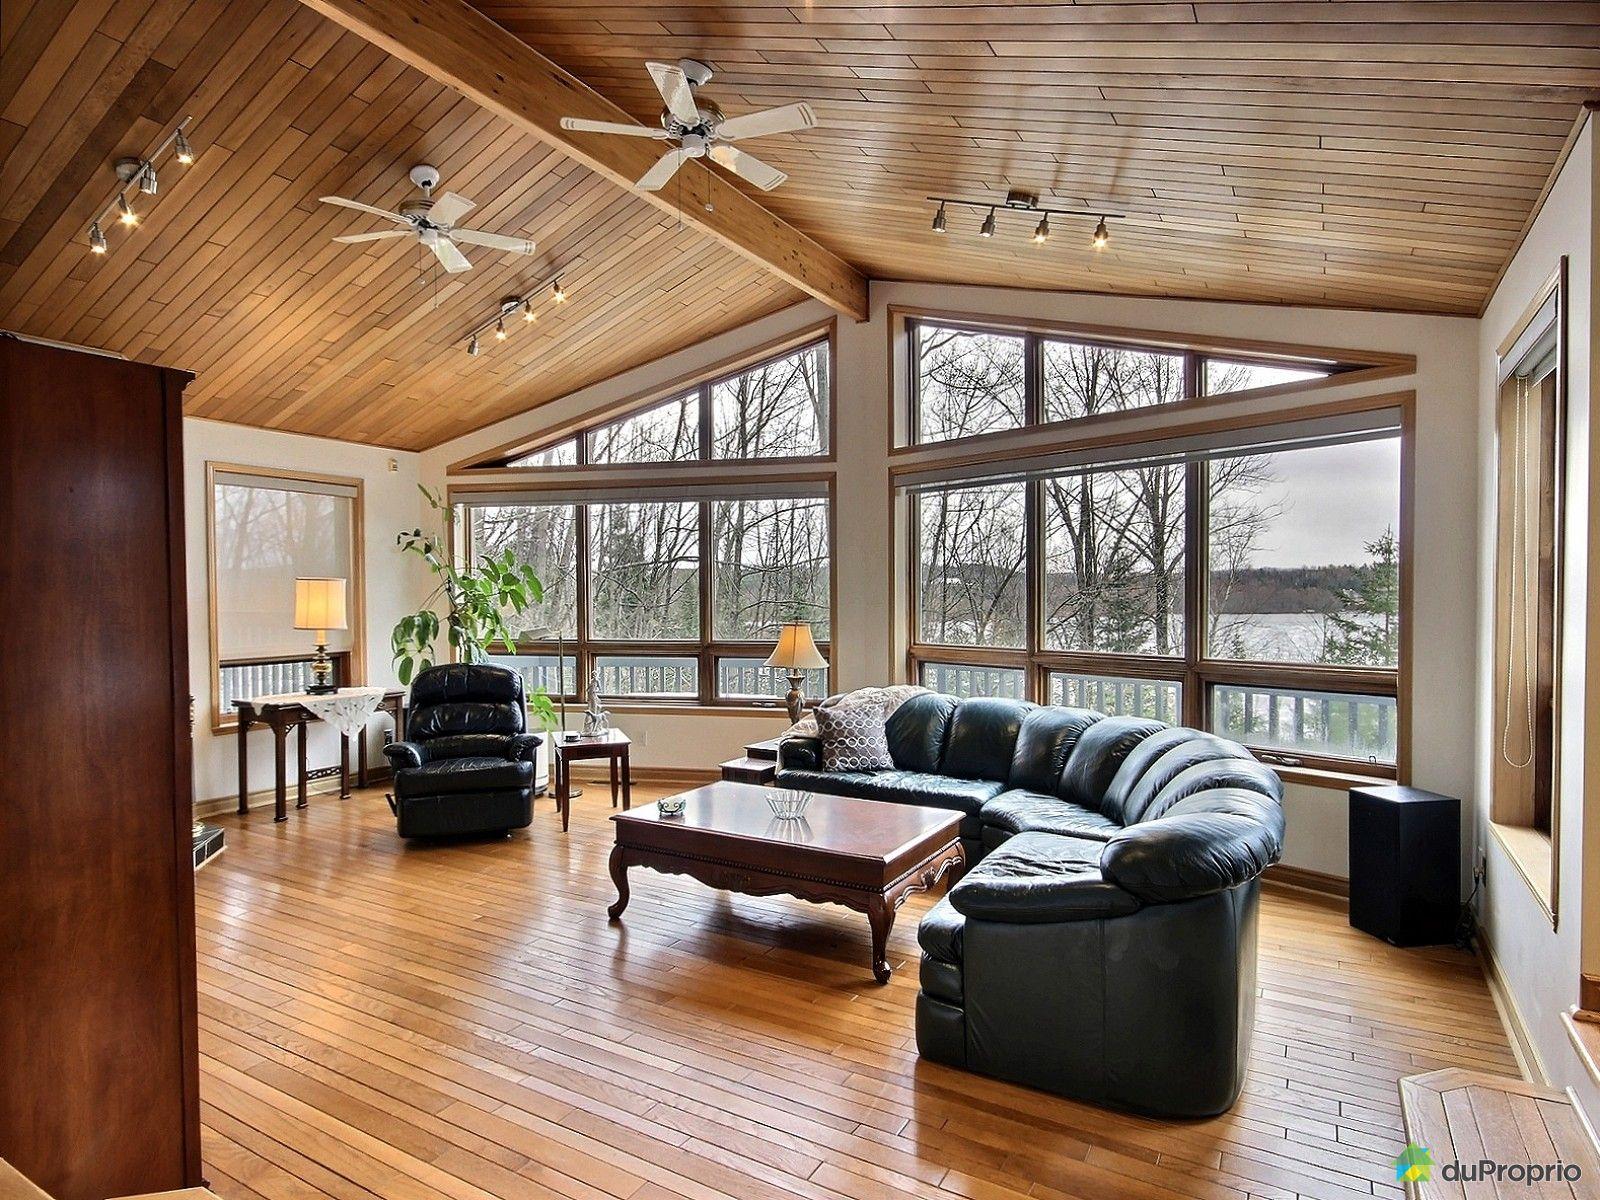 bungalow sur lev vendre canton de stanstead 227 chemin des bosquets fleuris immobilier. Black Bedroom Furniture Sets. Home Design Ideas